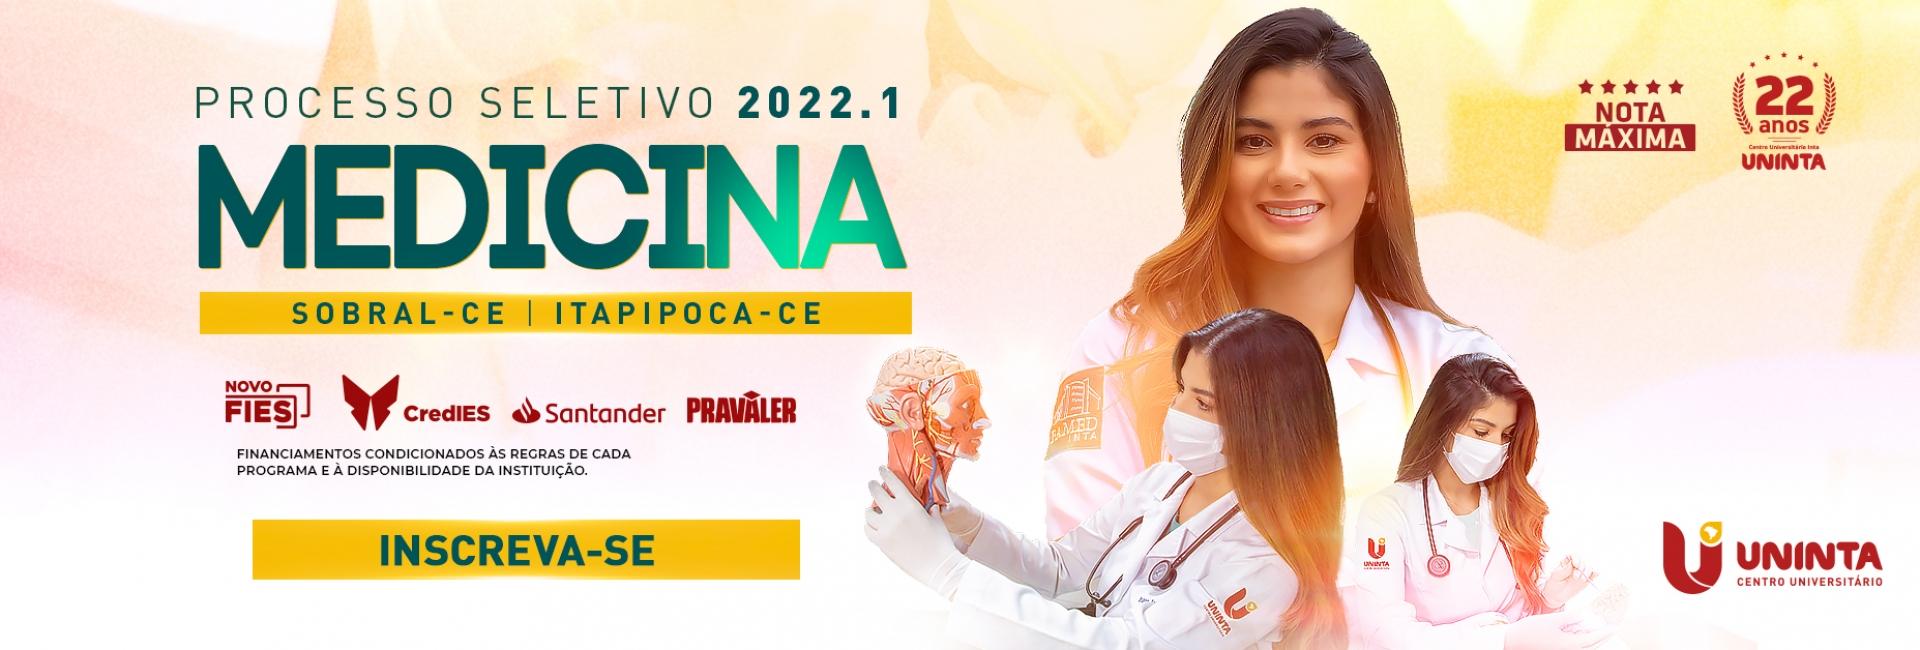 BANNER-HOME-Processo-Seletivo-Medicina-2022-1-1920x650_c